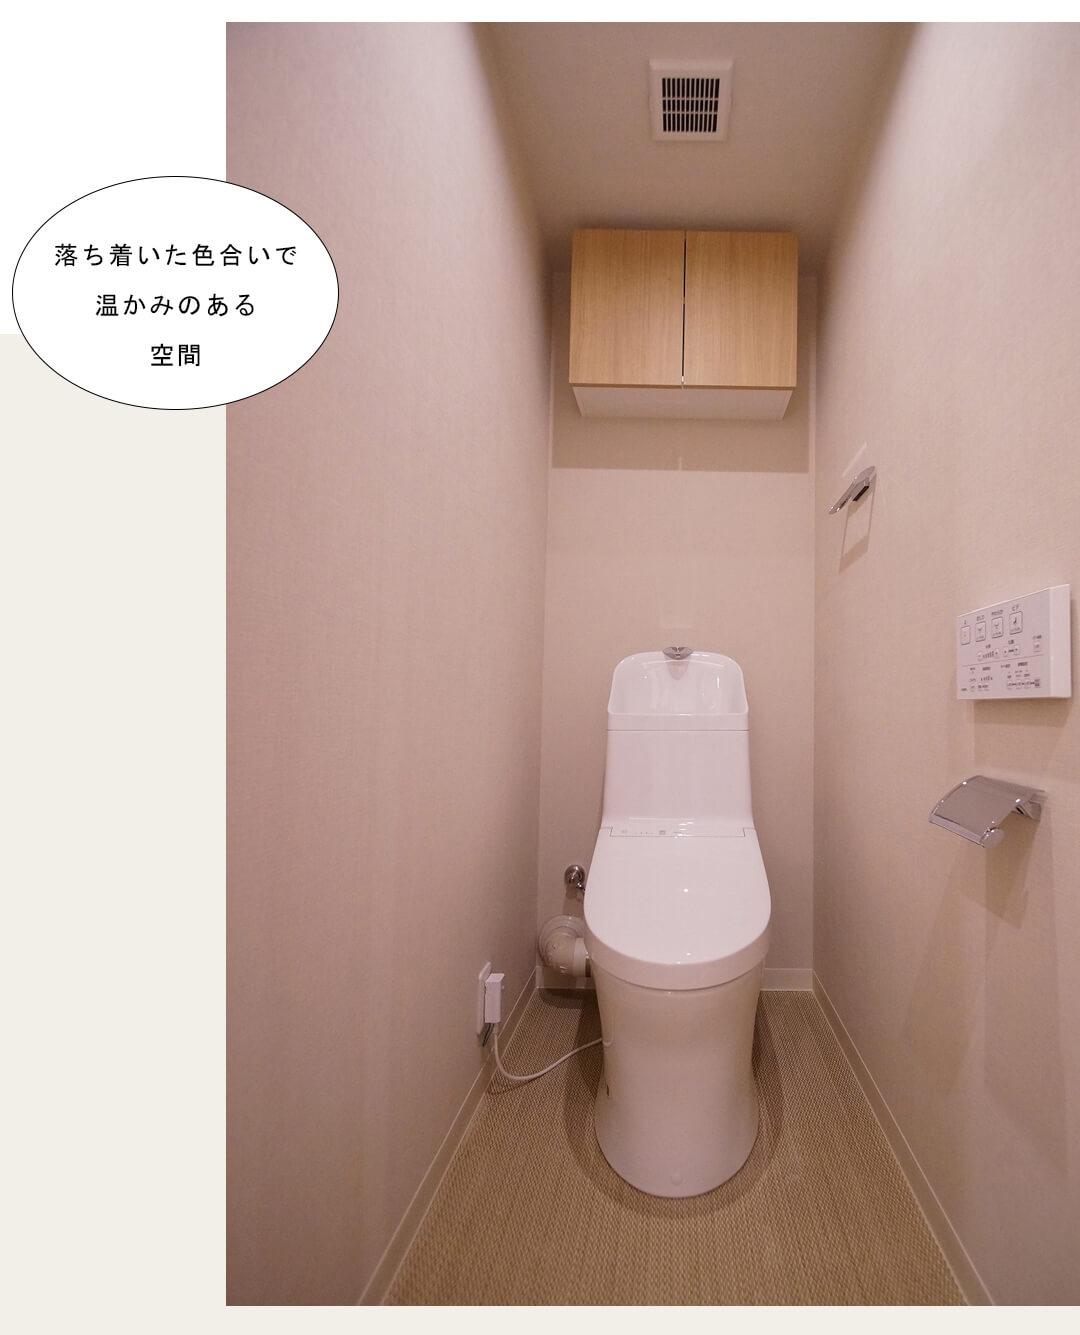 東建参宮橋マンション 706のトイレ